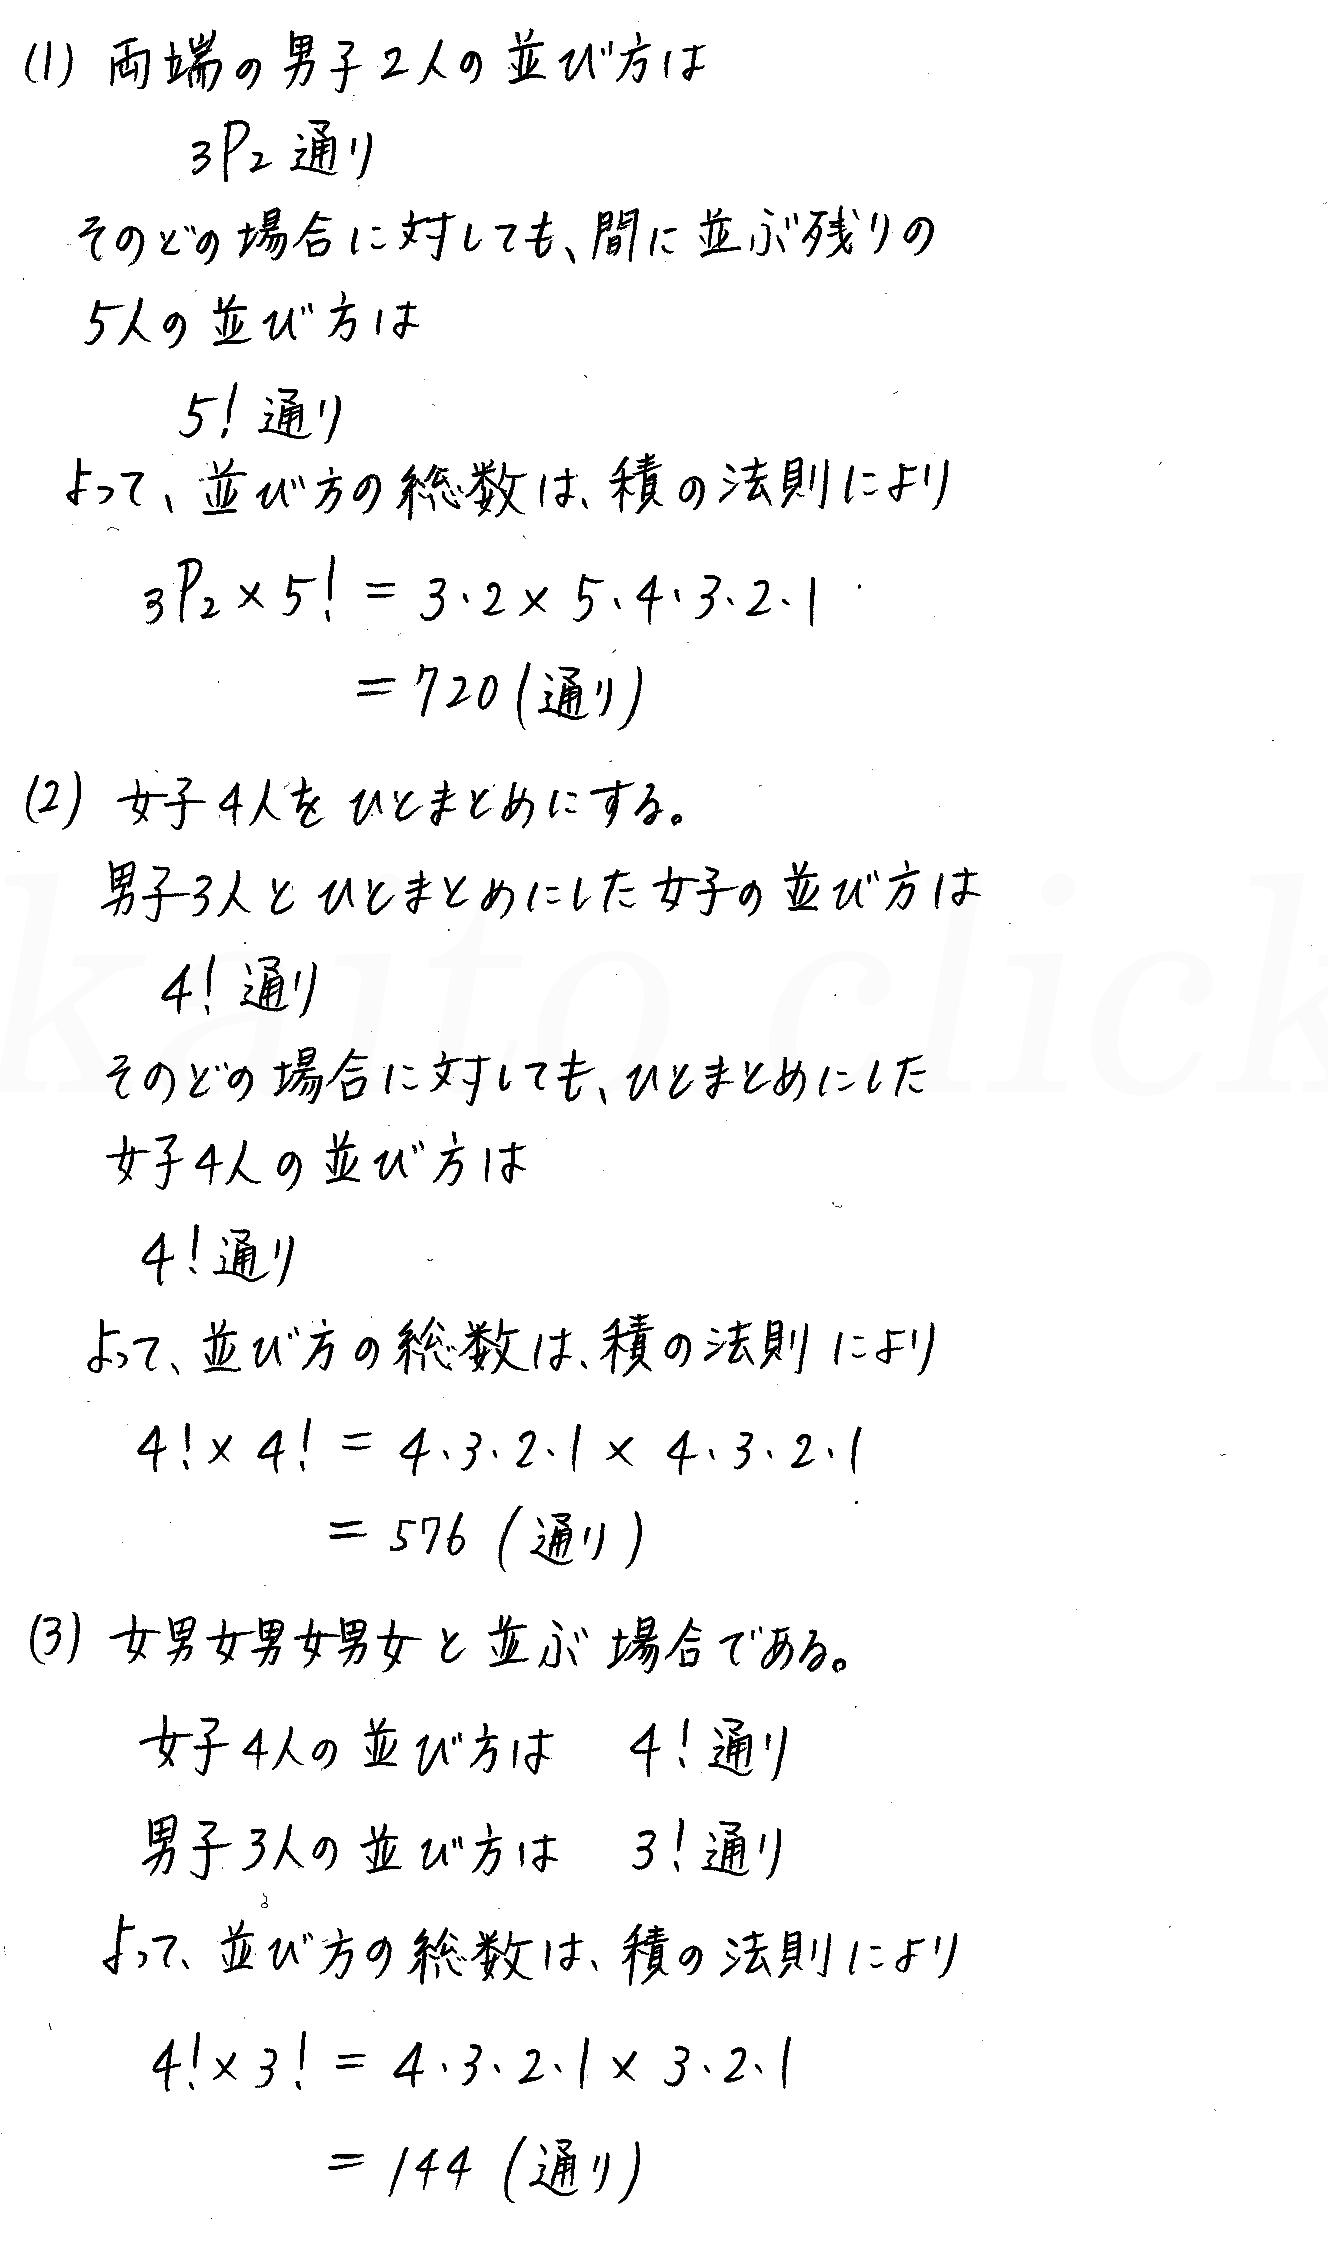 クリアー数学A-44解答